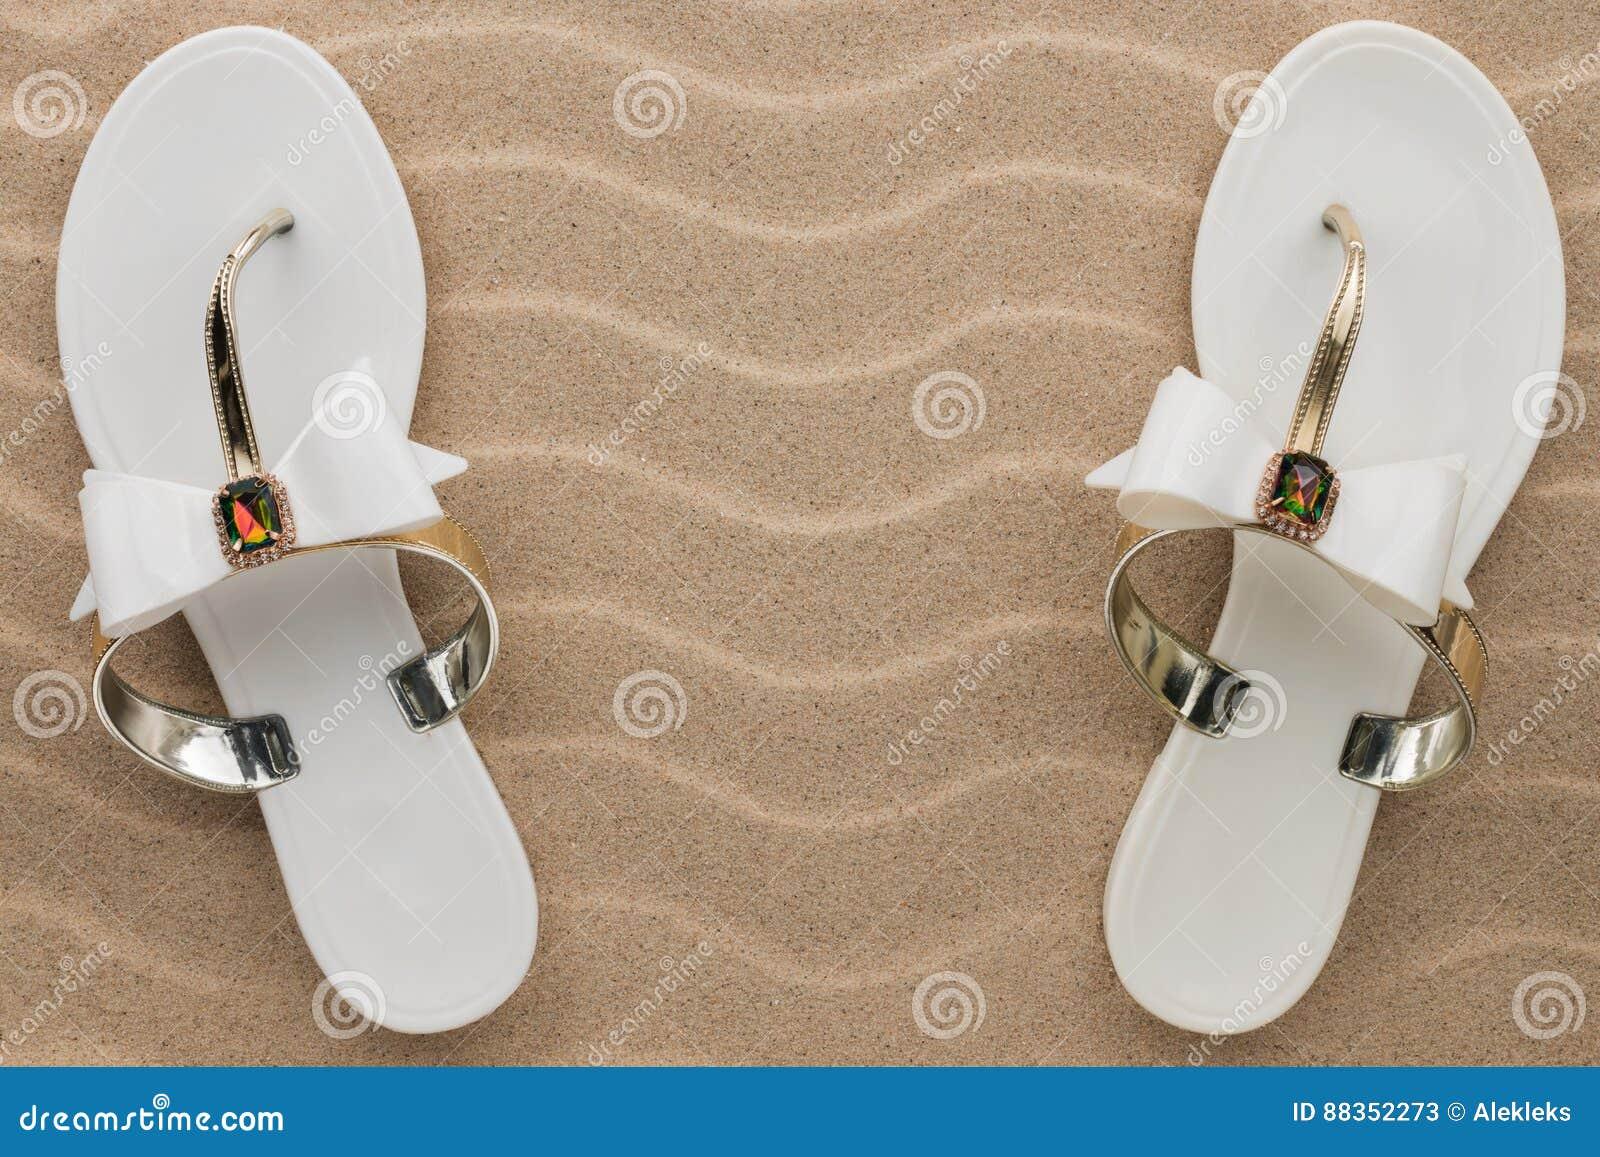 Los Pares De Sandalias Blancas De La Playa En Diamantes Artificiales ...